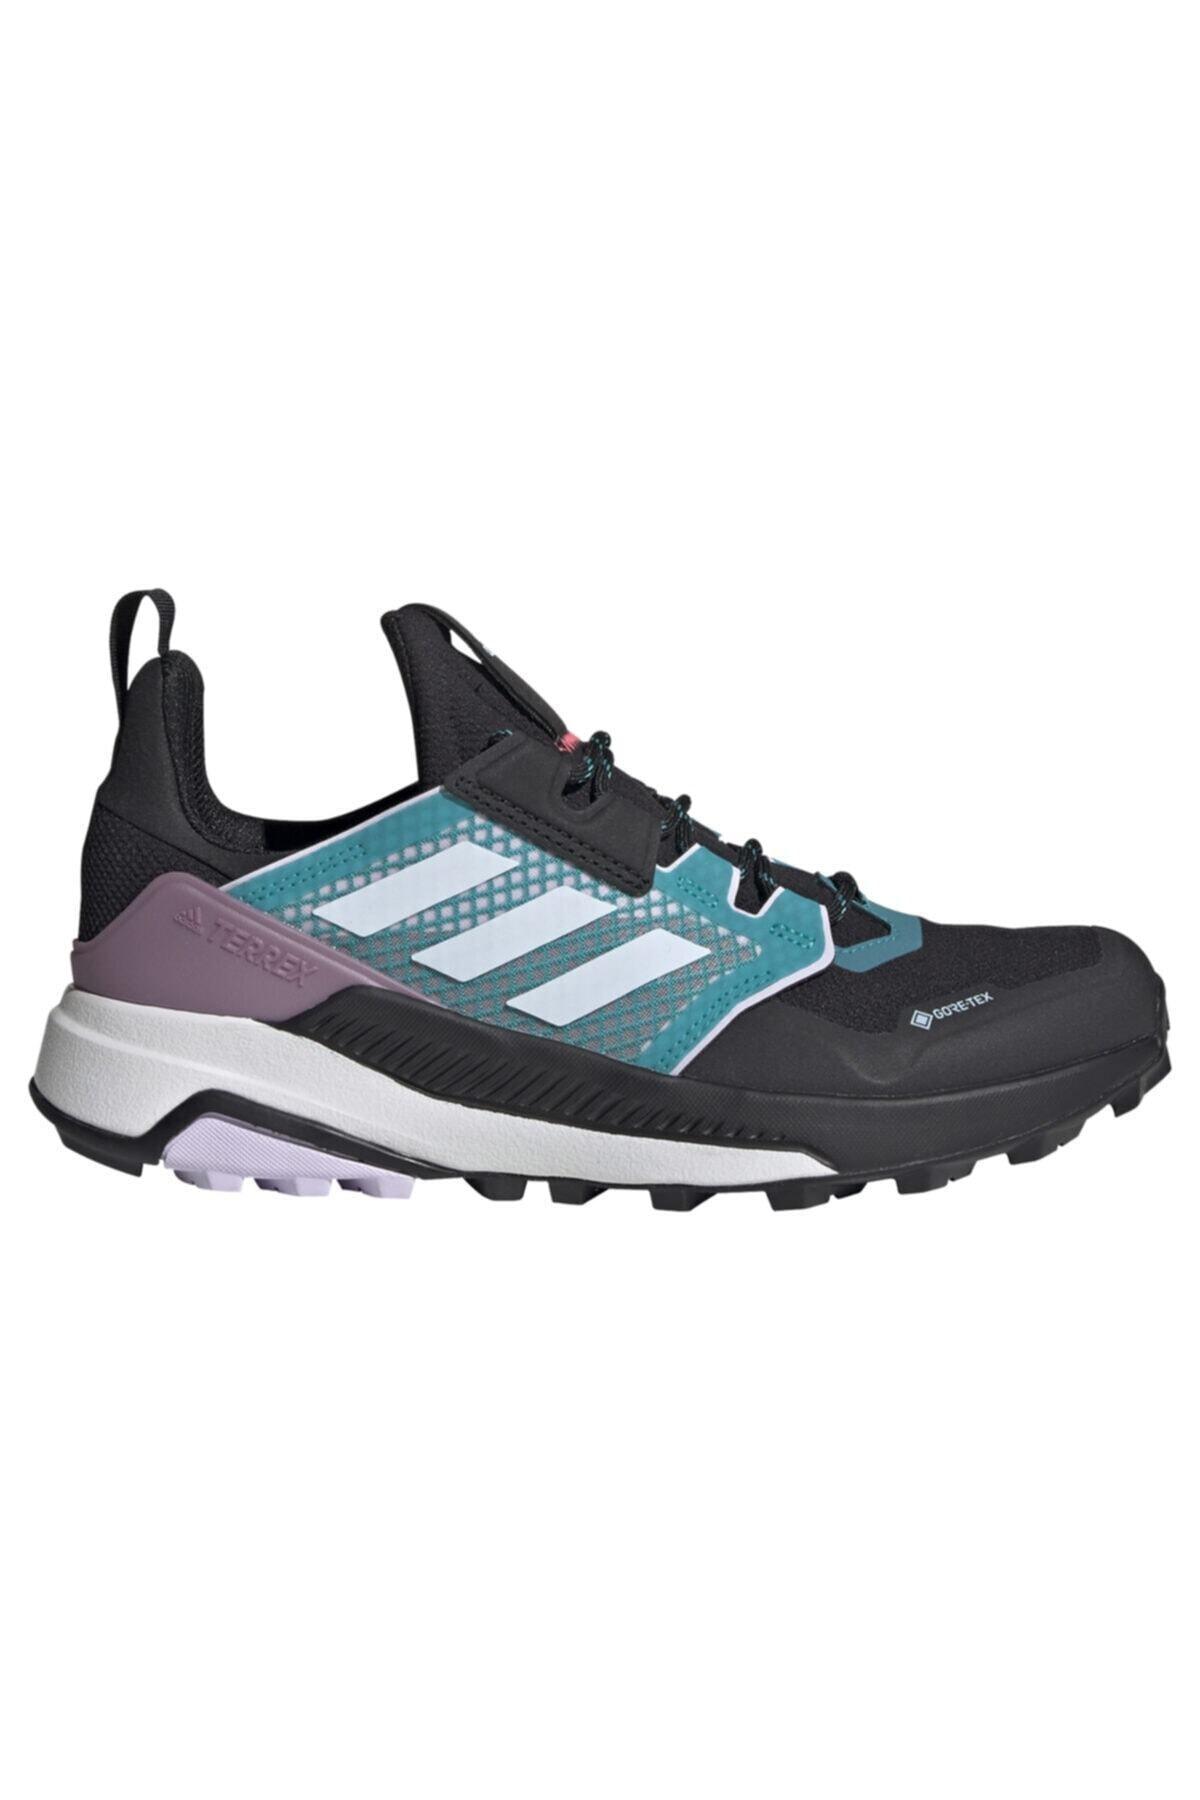 Kadın Giyim Outdoor Ayakkabı Terrex Traılmaker G Fv6915